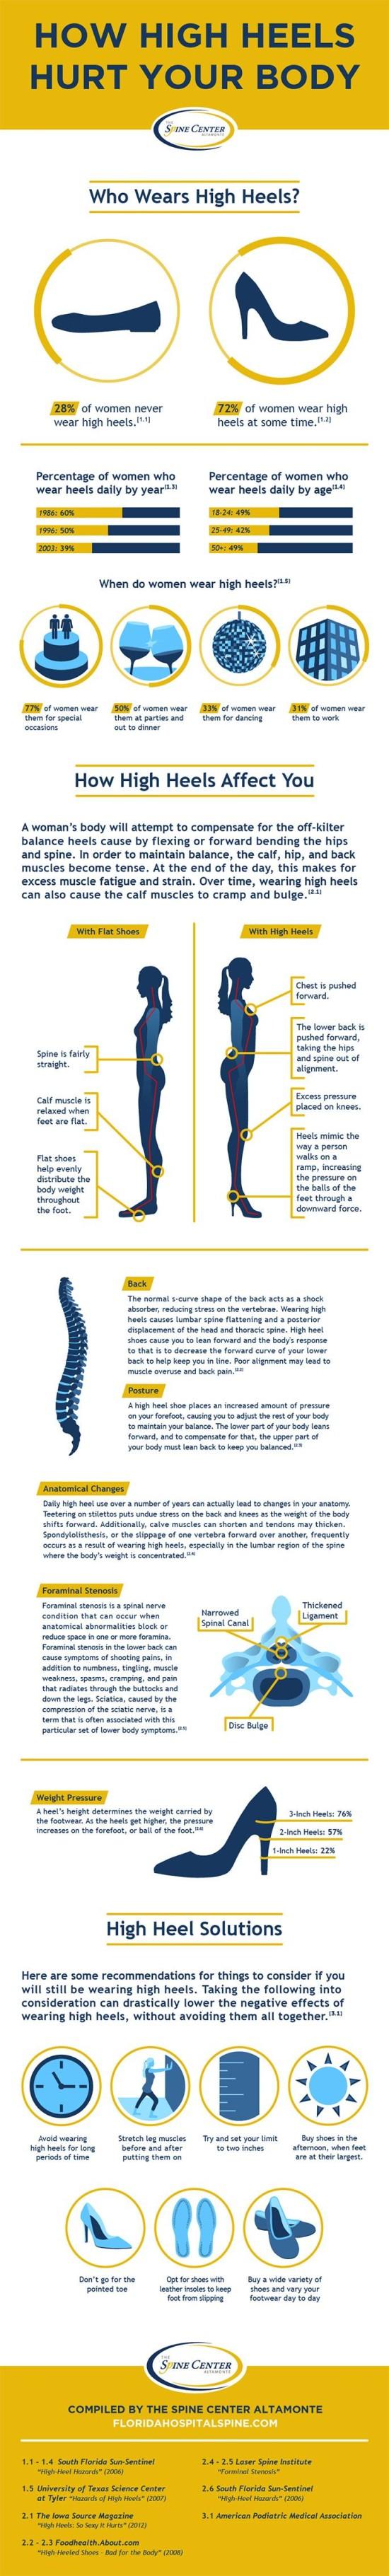 Jak boty na podpadku nici vase telo - infografika